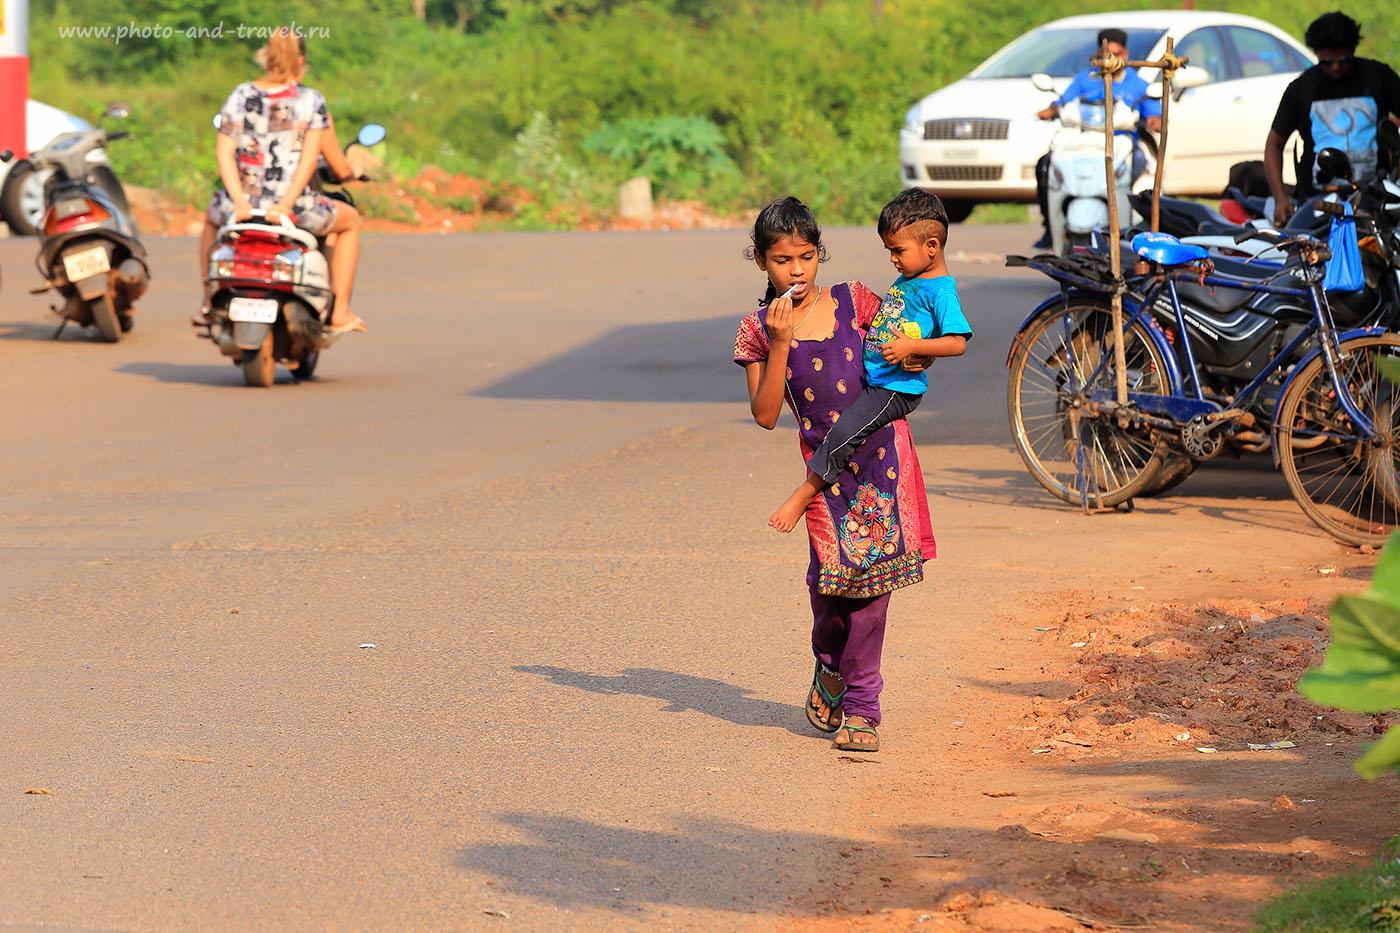 Фото 2. Сценки из жизни жителей Гоа. Отчет о самостоятельном отдыхе в Индии (70-200, 1/200, 0eV,f8, 200mm, ISO 100)